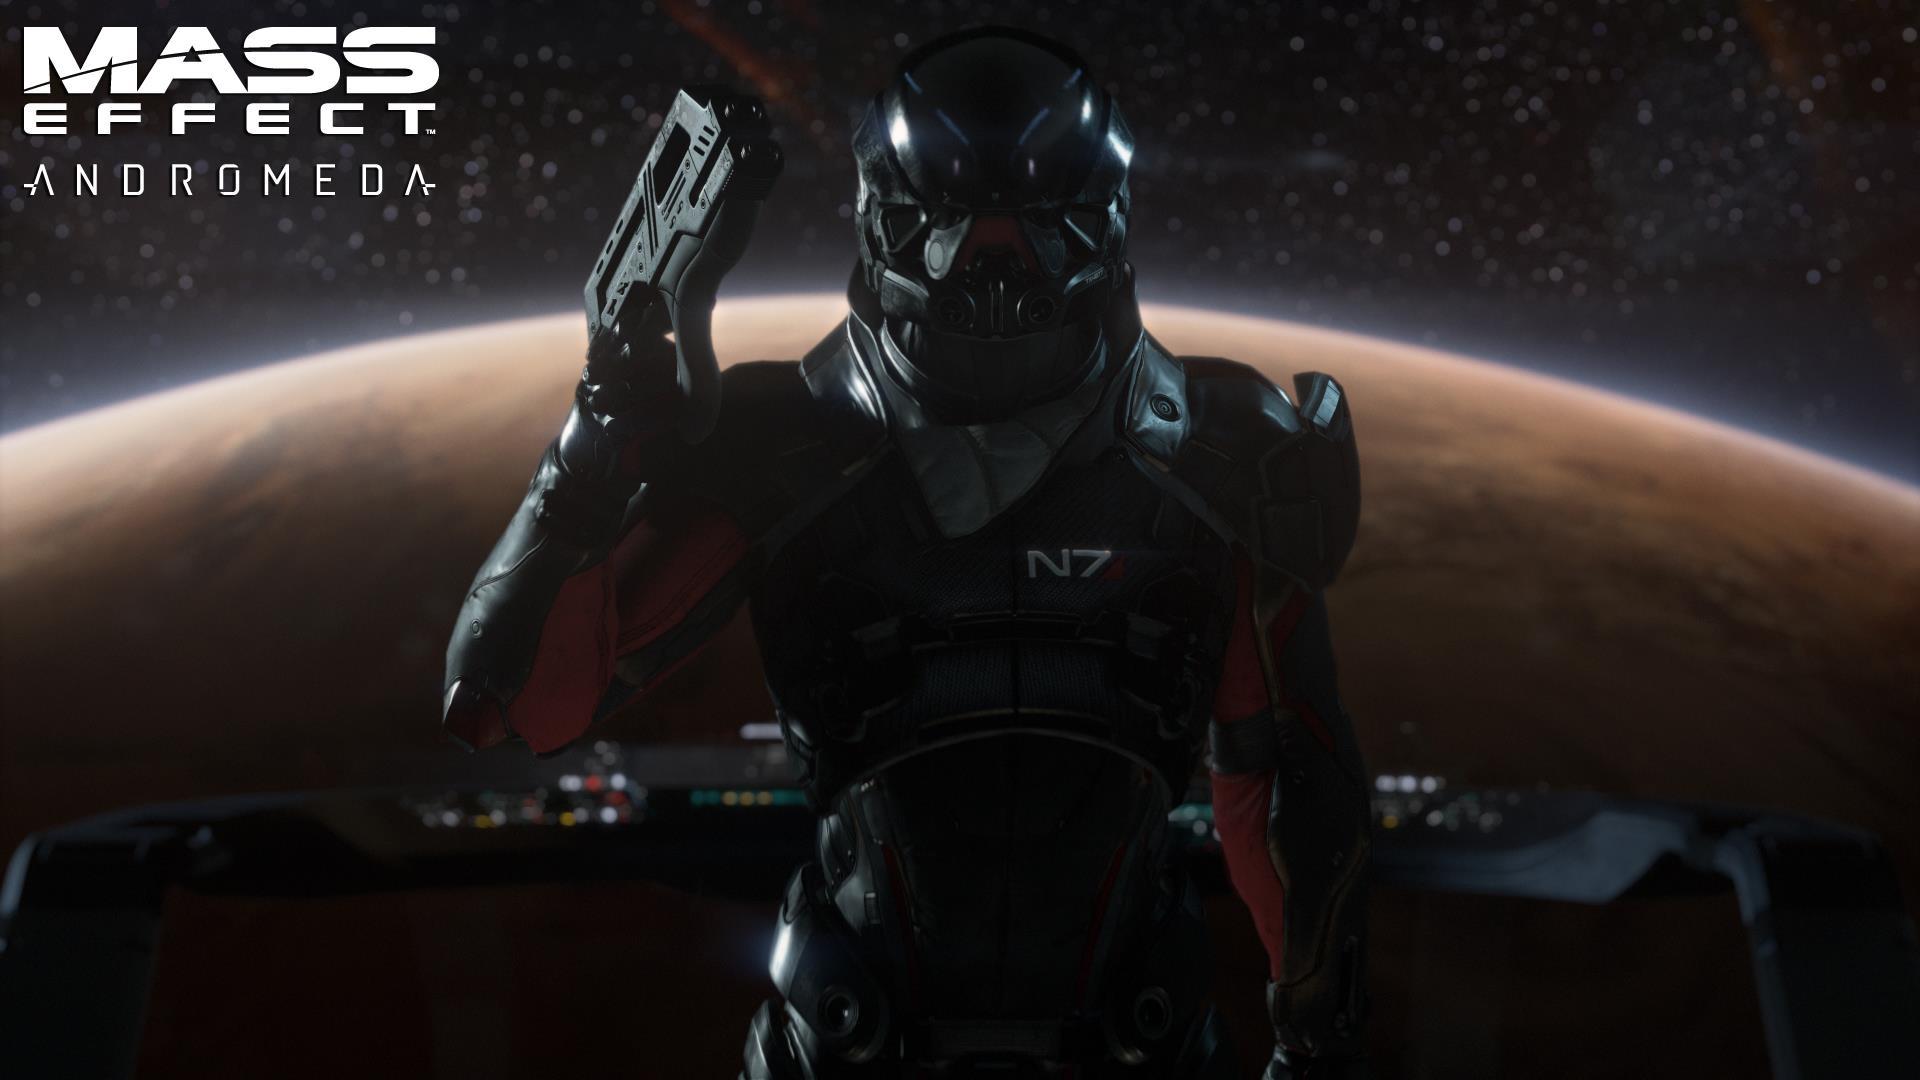 Mass Effect Andromeda: in arrivo il 21 marzo 2017?